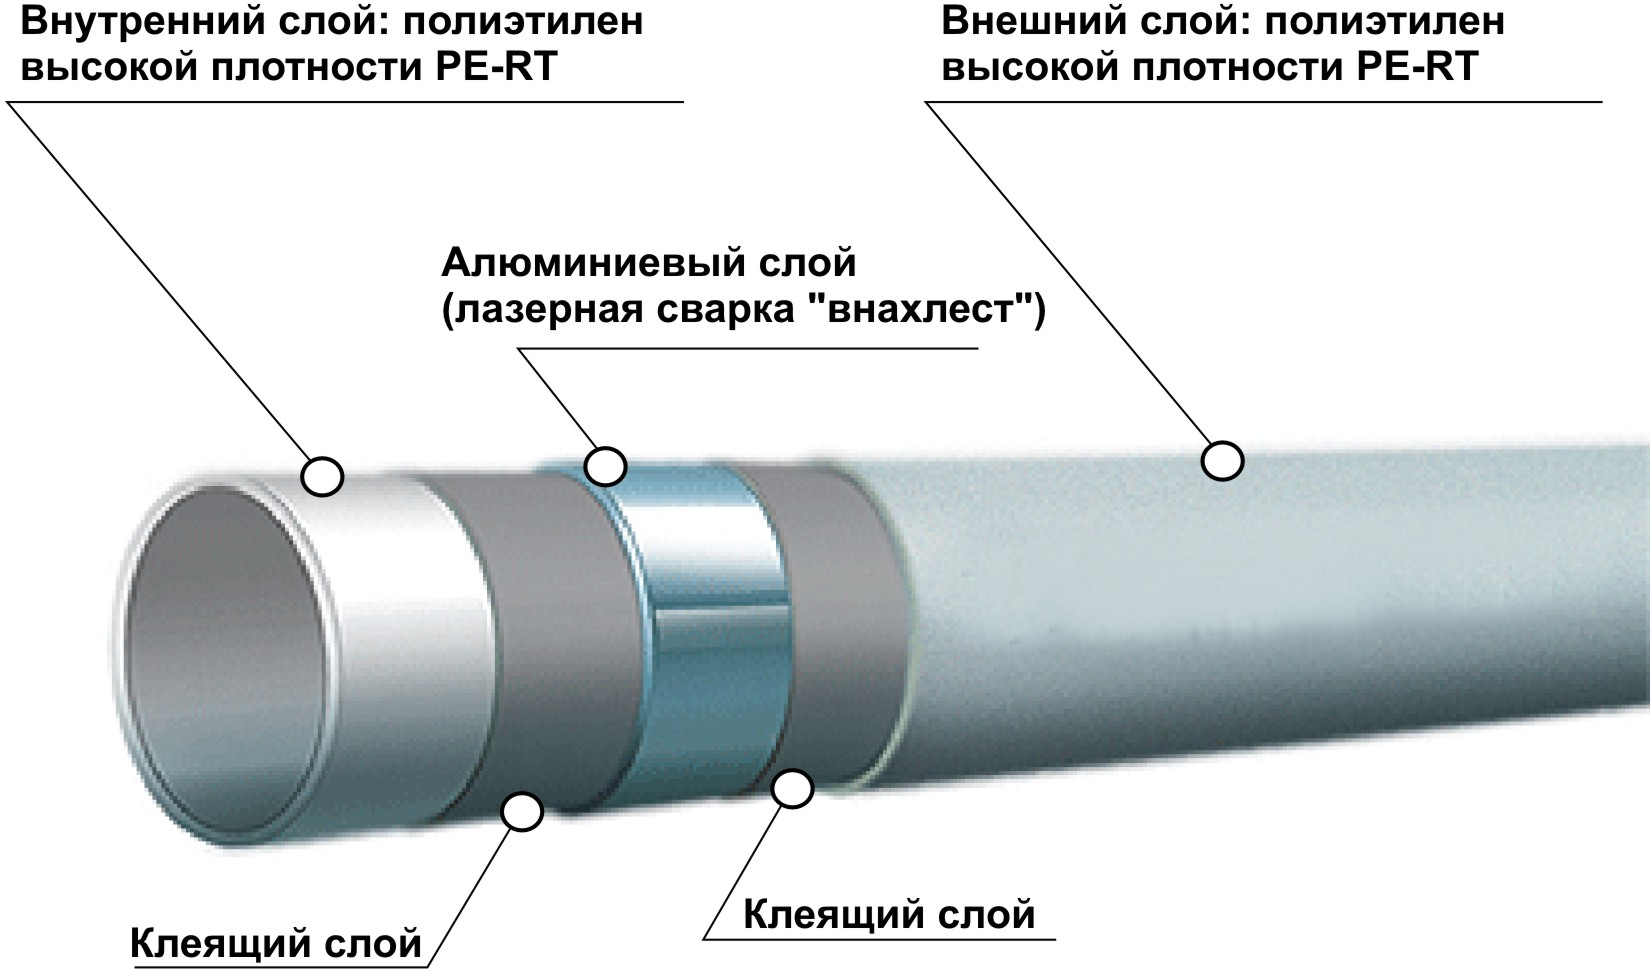 Металлопластиковые трубы пайка своими руками